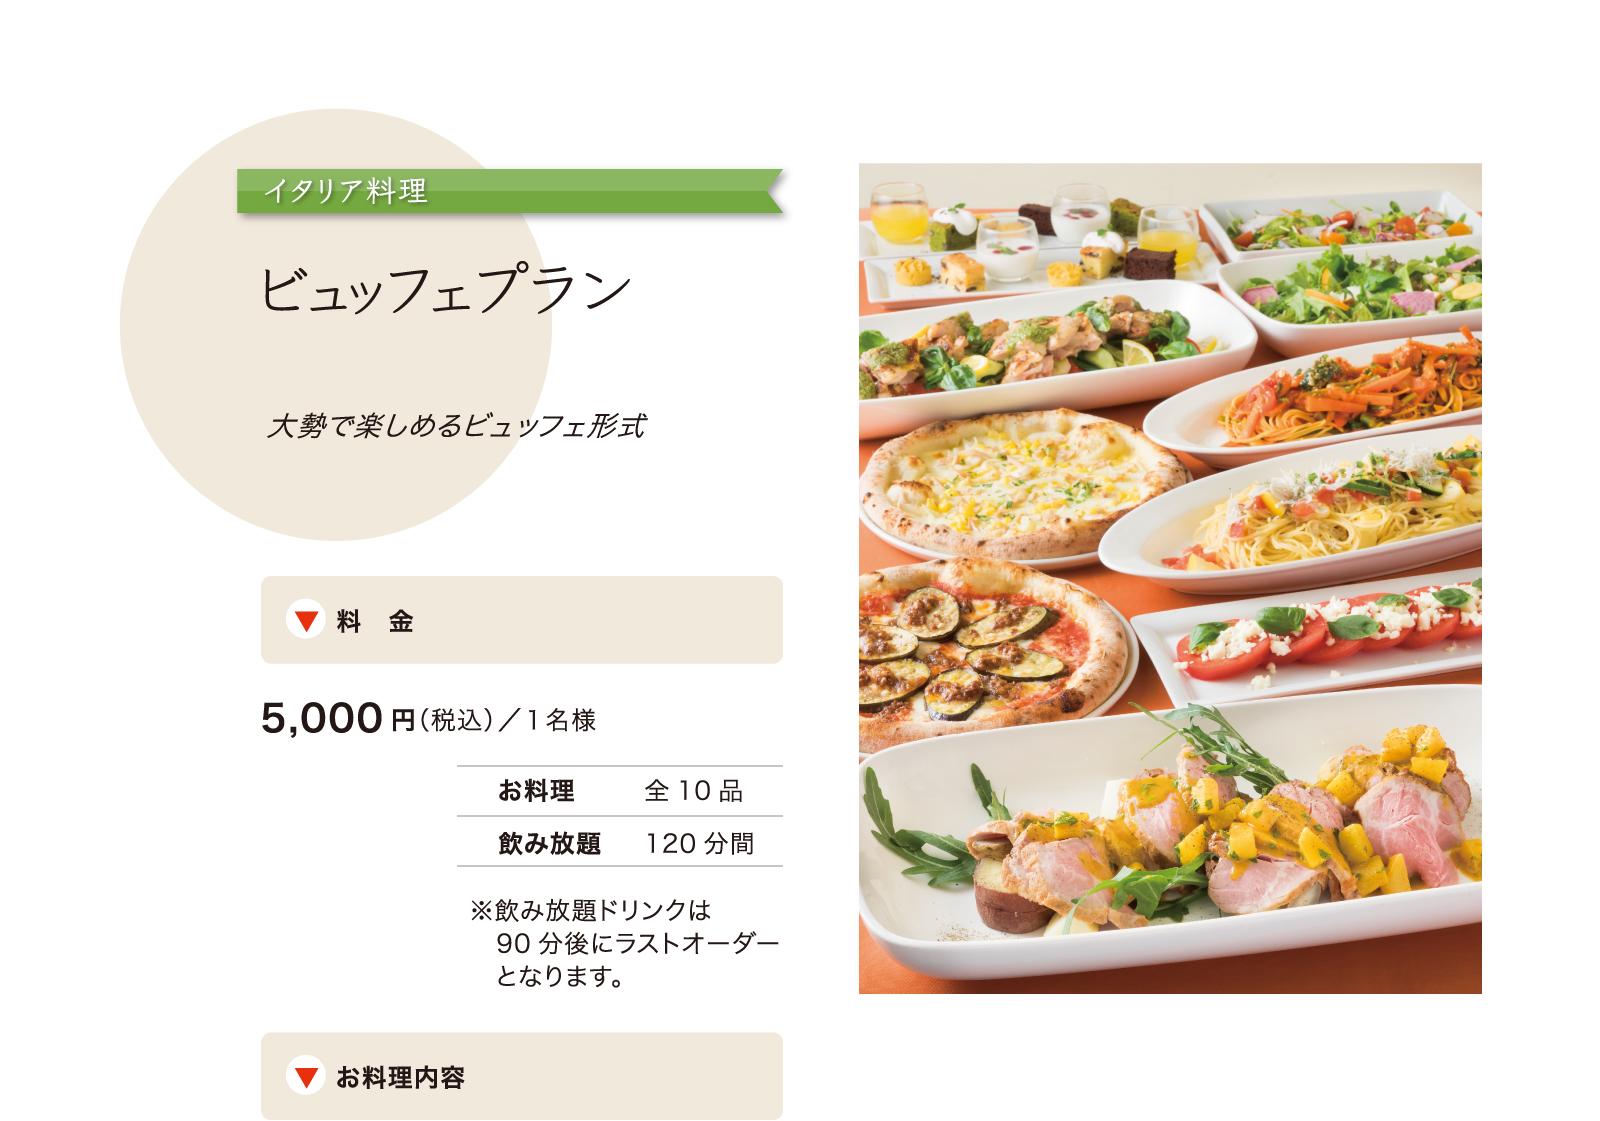 ビュッフェプラン/お一人様あたり5000円(税込)